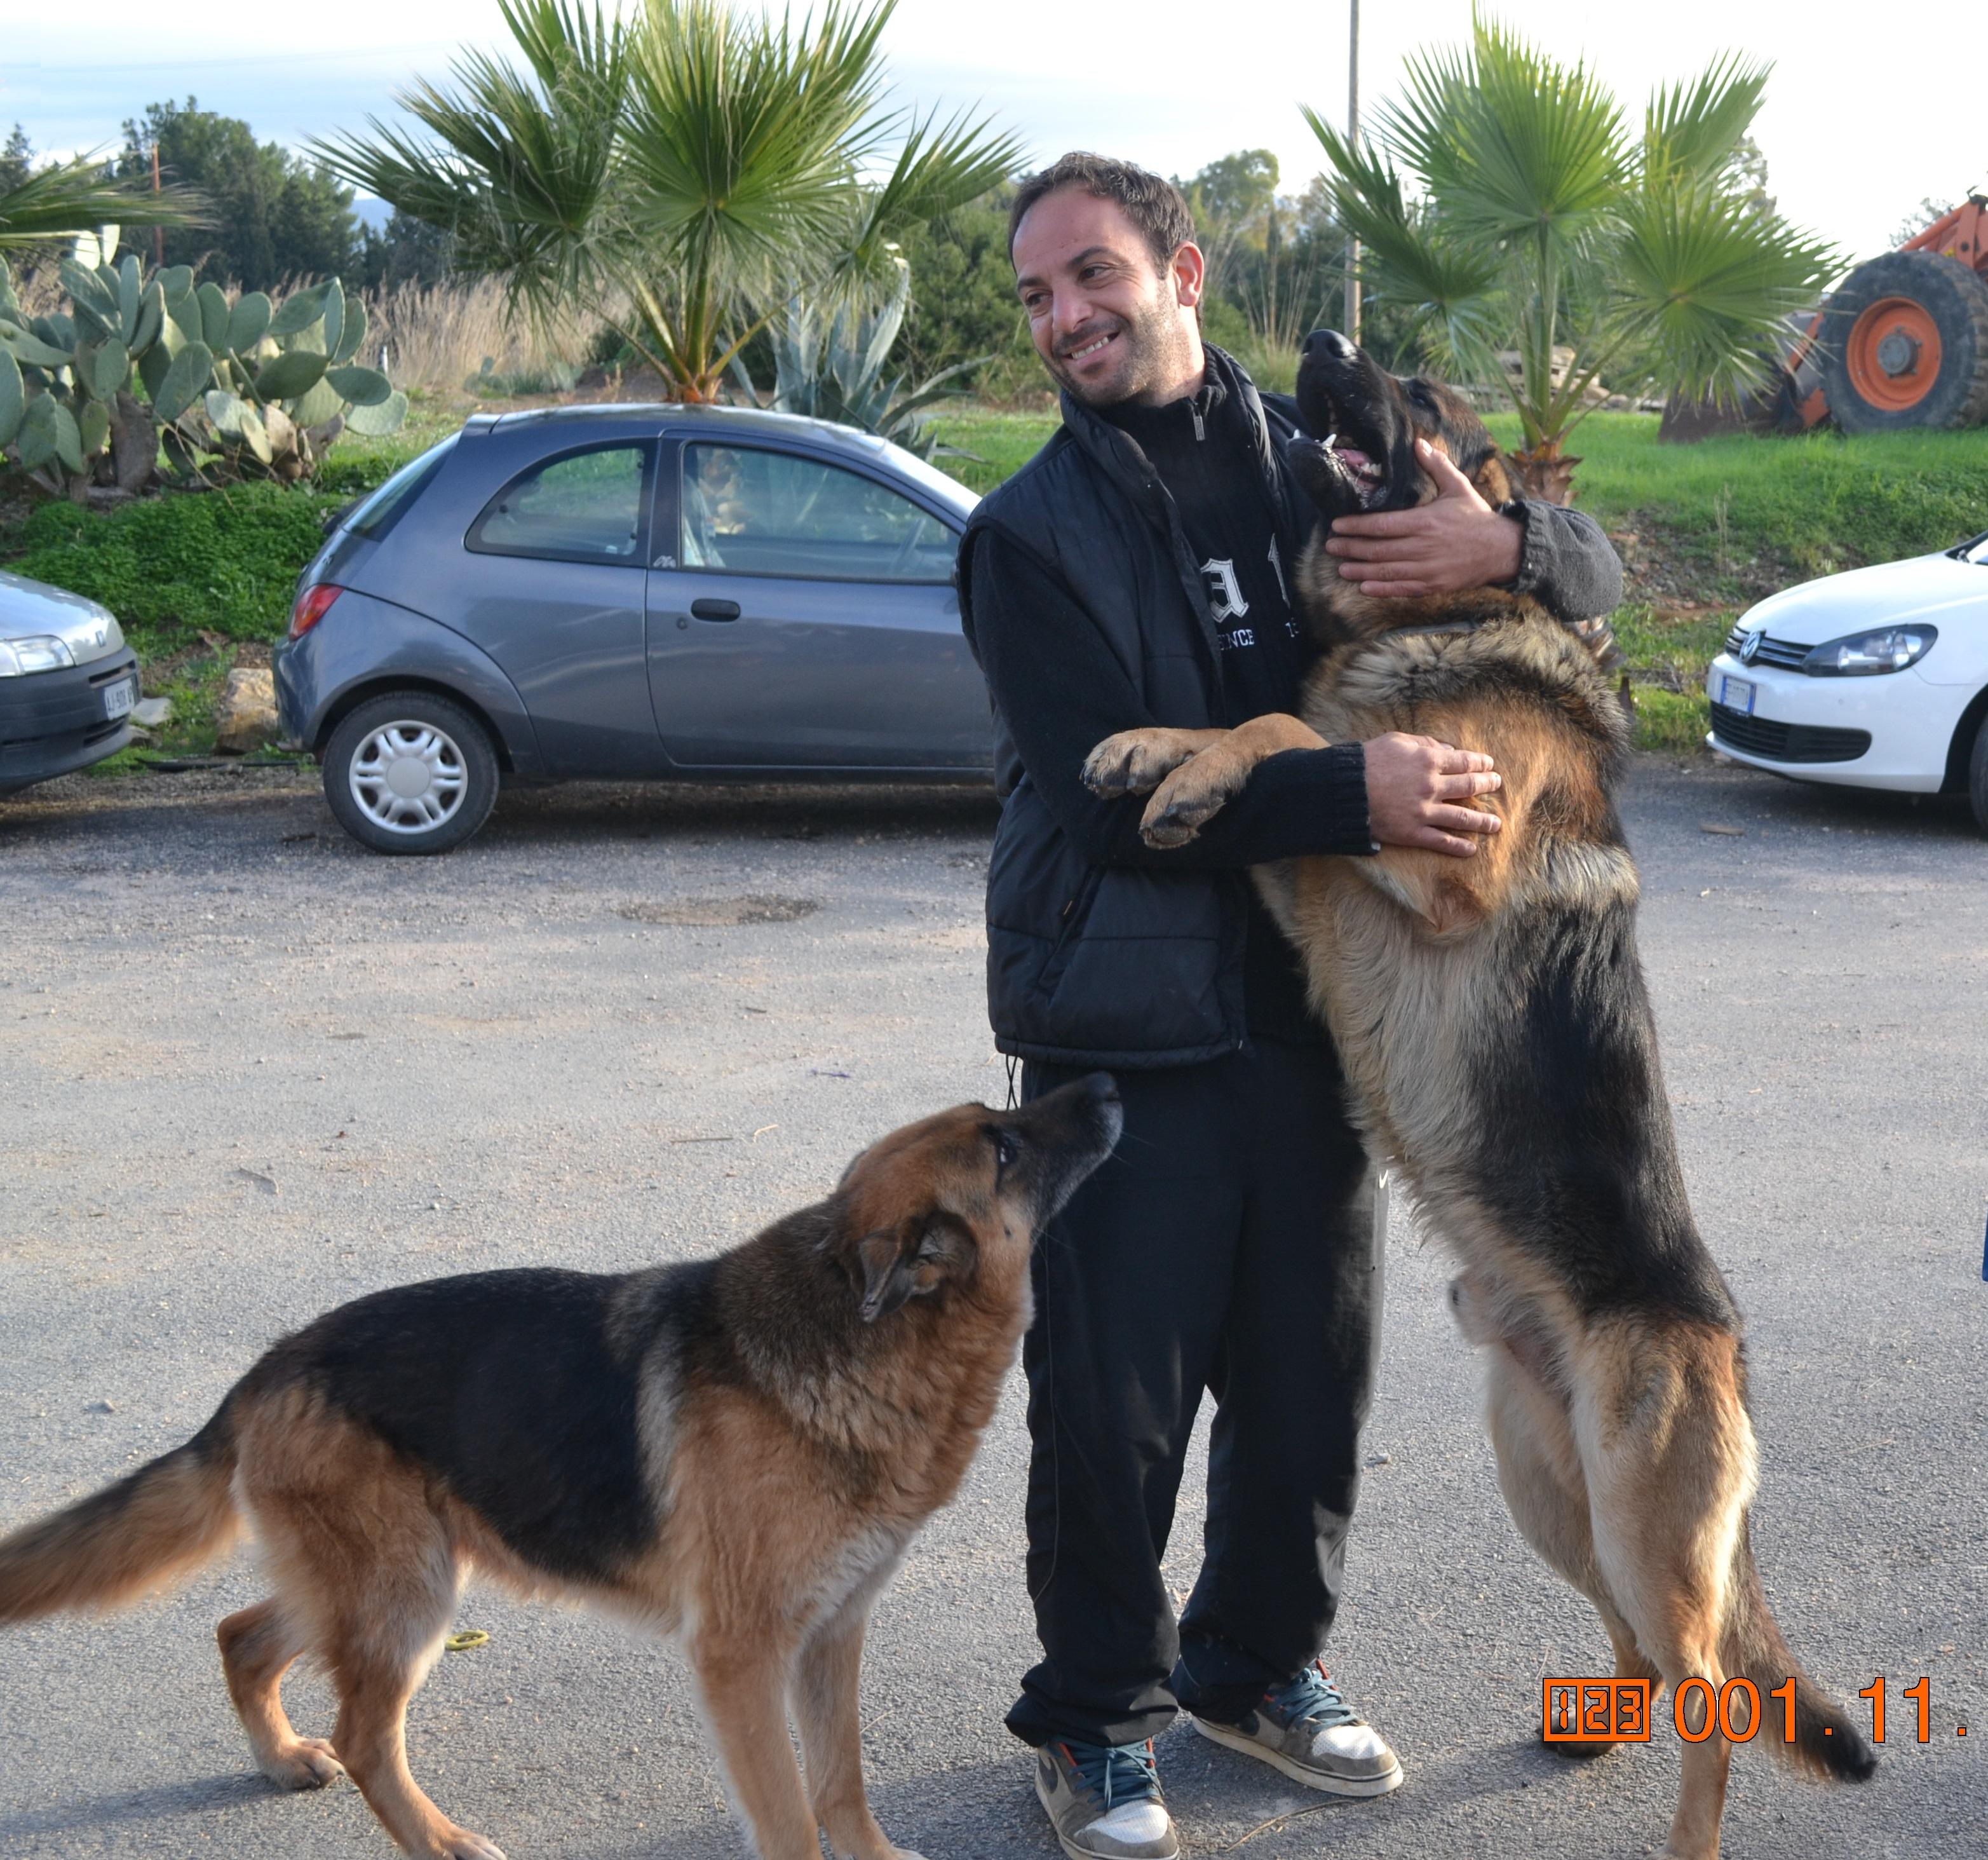 Sem e Laica Chi non ha mai posseduto un cane,non può sapere cosa significhi essere amato.... Shopenhauer